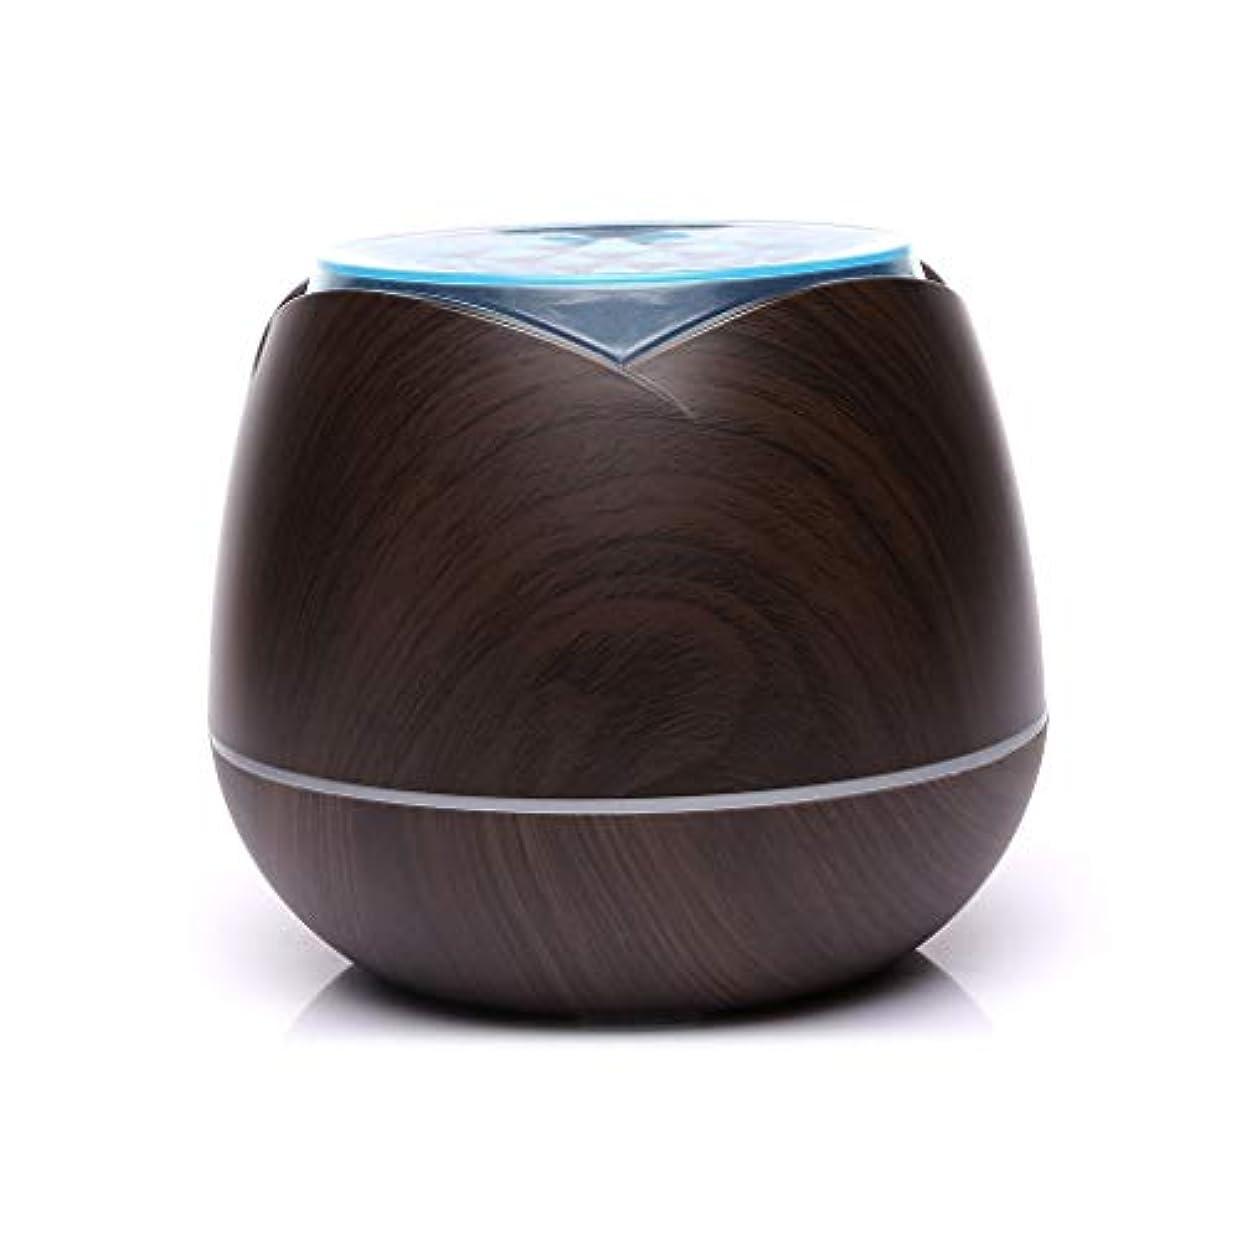 なめる急性どこでも涼しい霧の空気加湿器、家、ヨガ、オフィス、鉱泉、寝室のために変わる色LEDライトと超音波400ml - 木目 - (Color : Dark wood grain)